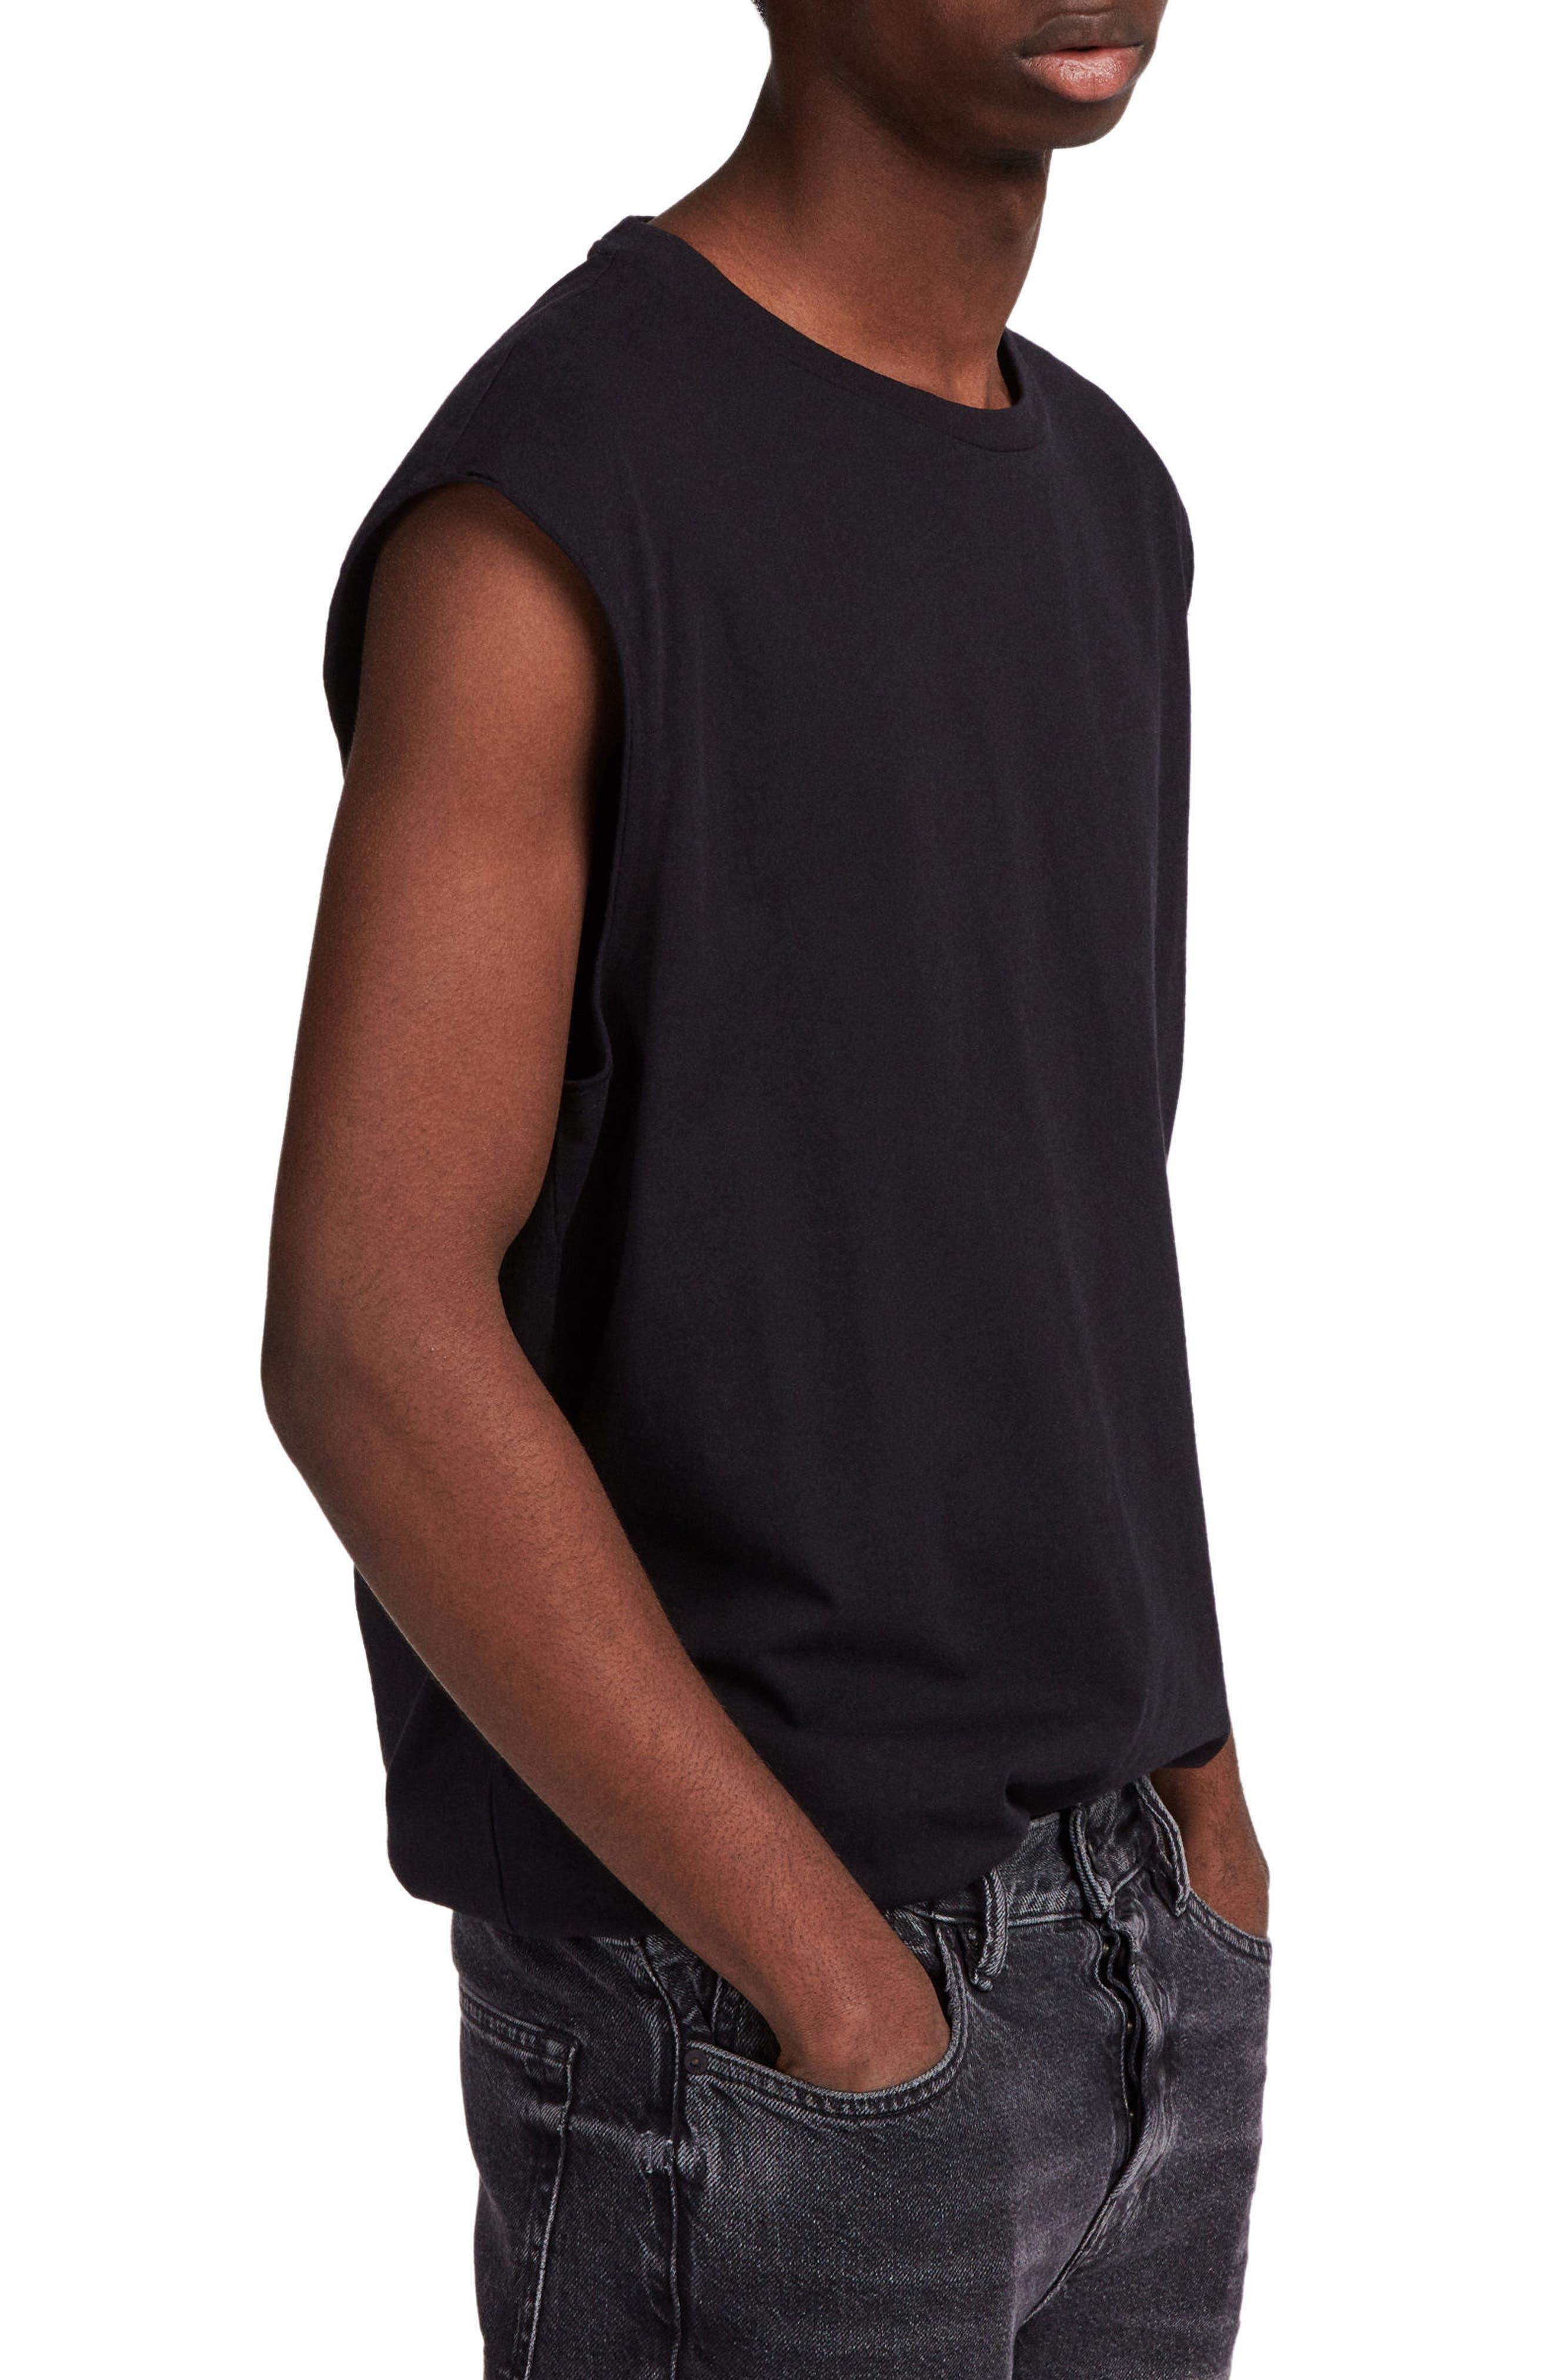 Heton Sleeveless T-Shirt,                             Alternate thumbnail 3, color,                             001